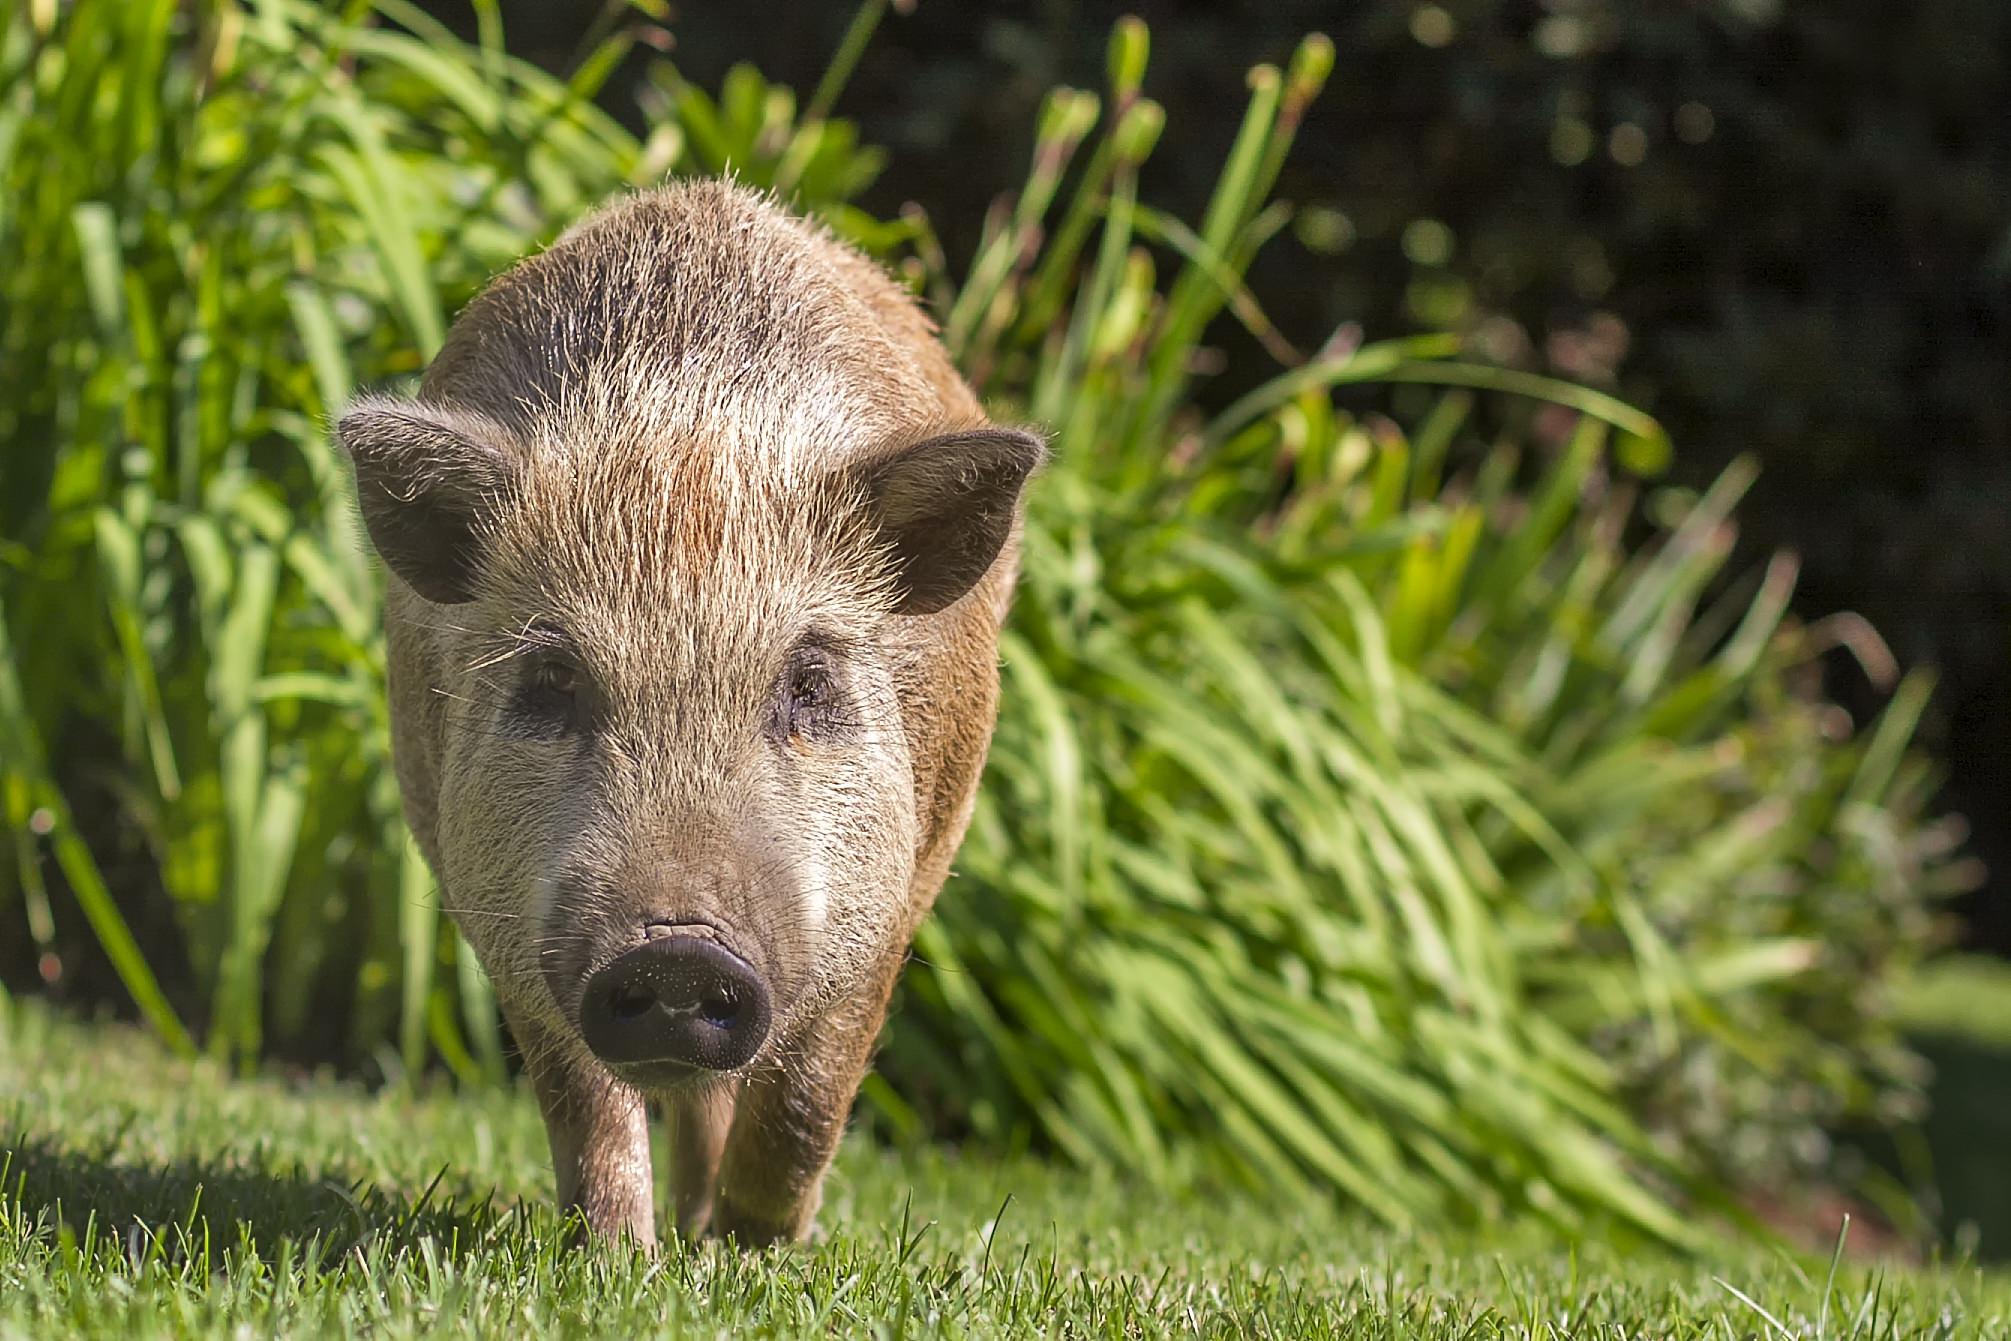 Julianna Pig